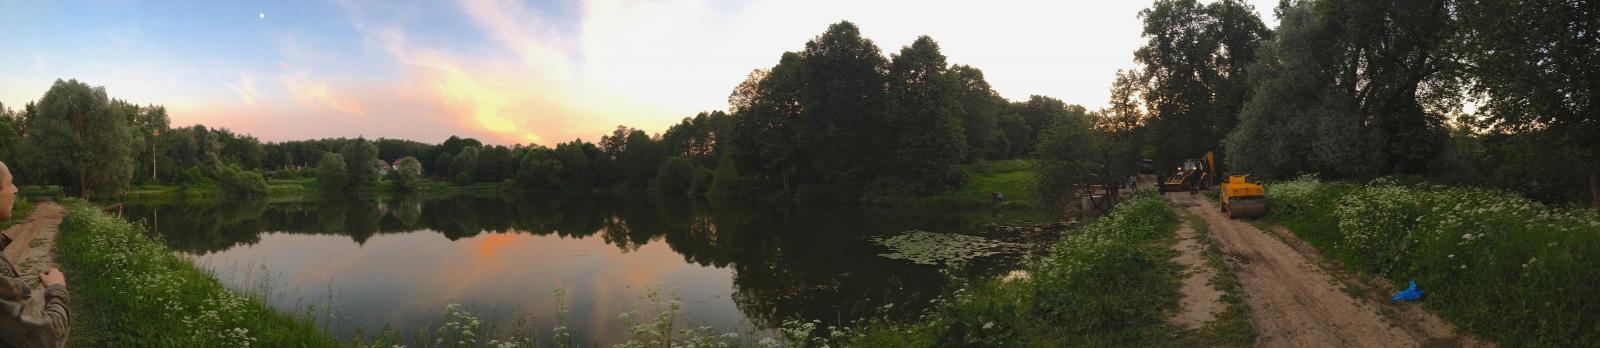 Мешковский пруд